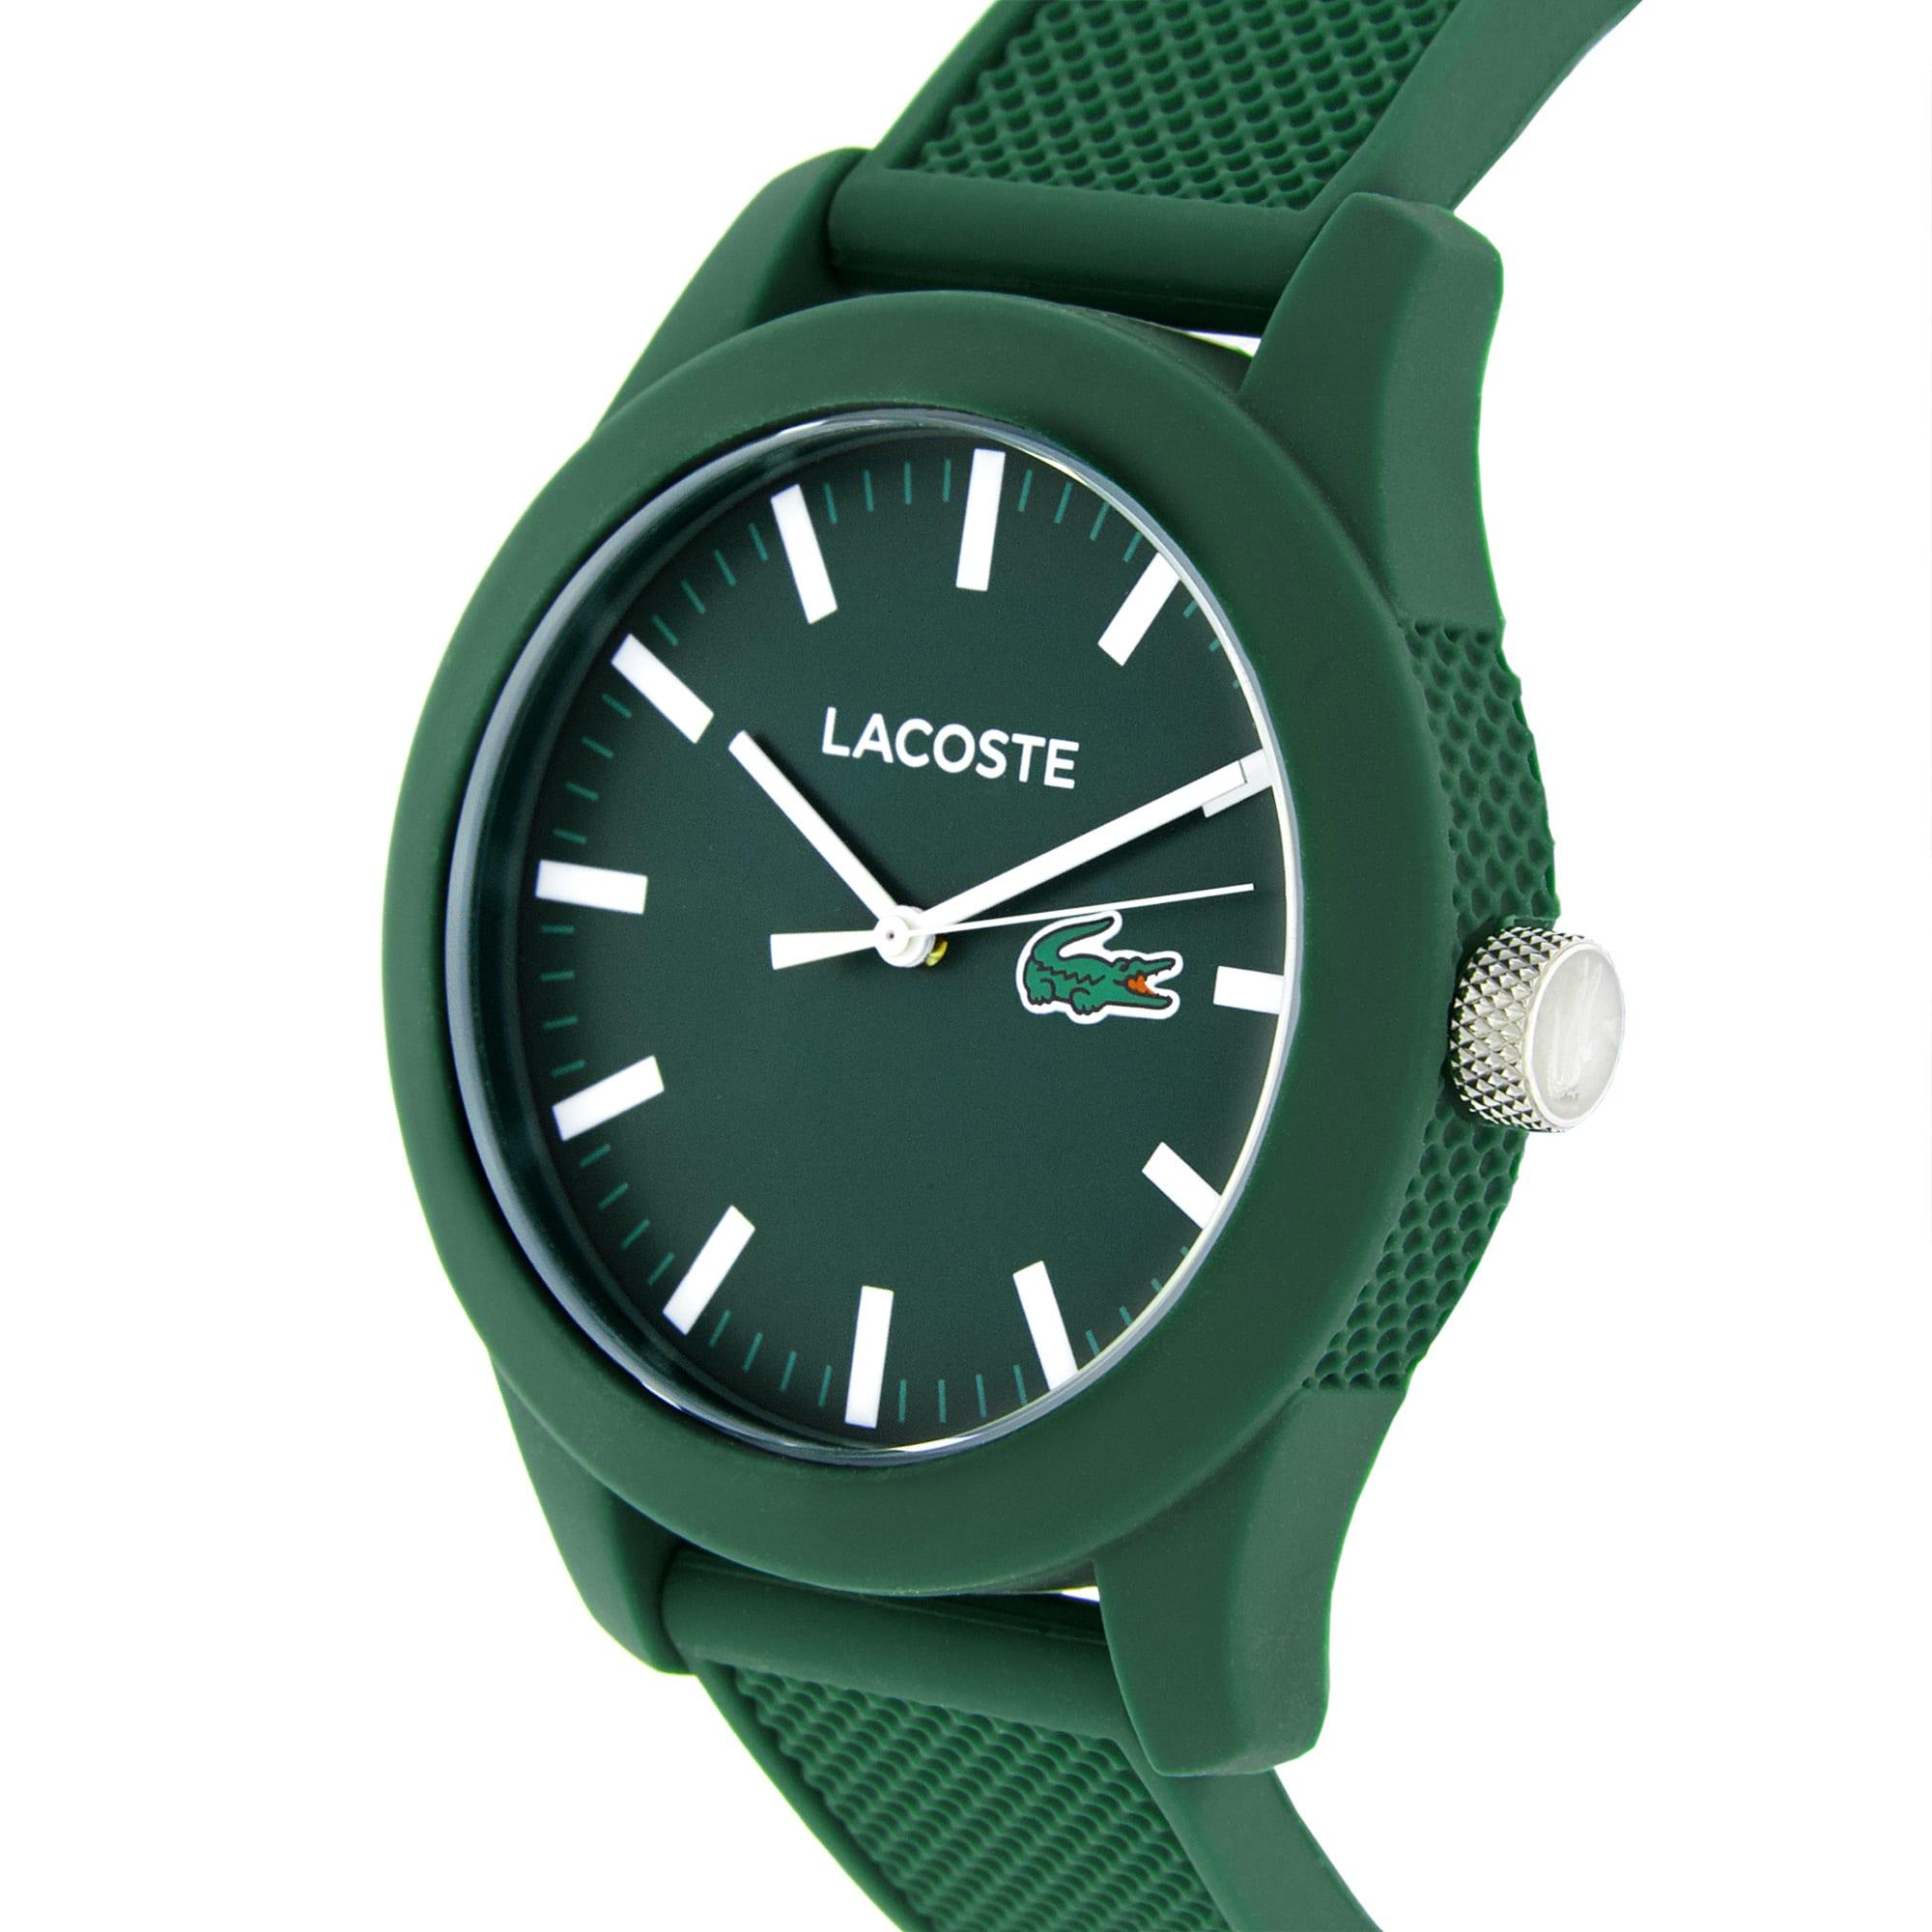 Montre Lacoste.12.12 Homme avec Bracelet en Silicone Vert